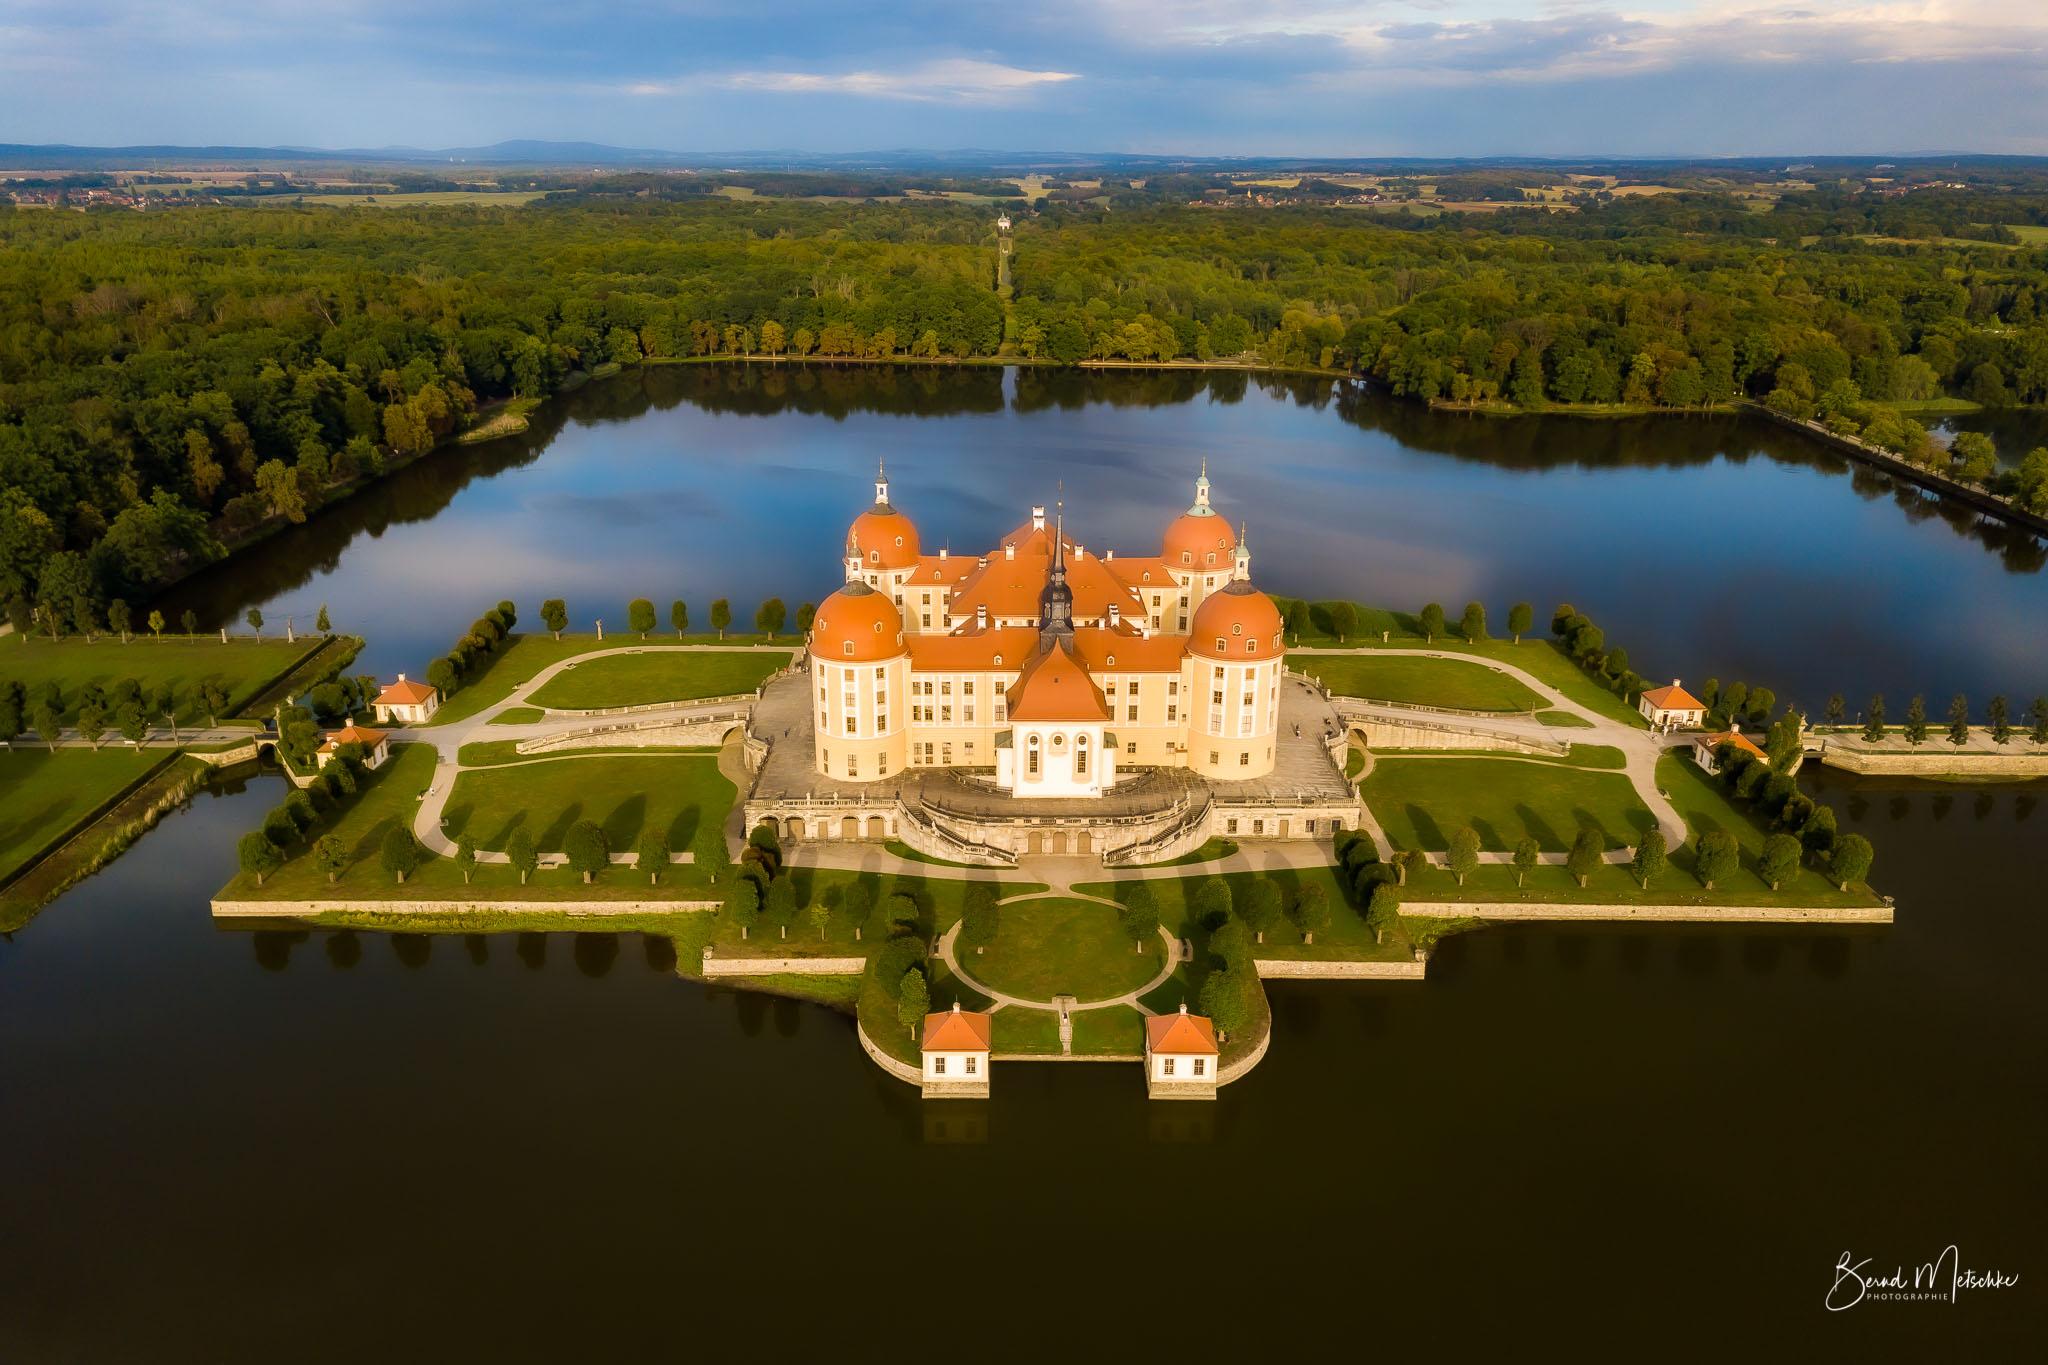 Blick von oben auf Schloss Moritzburg